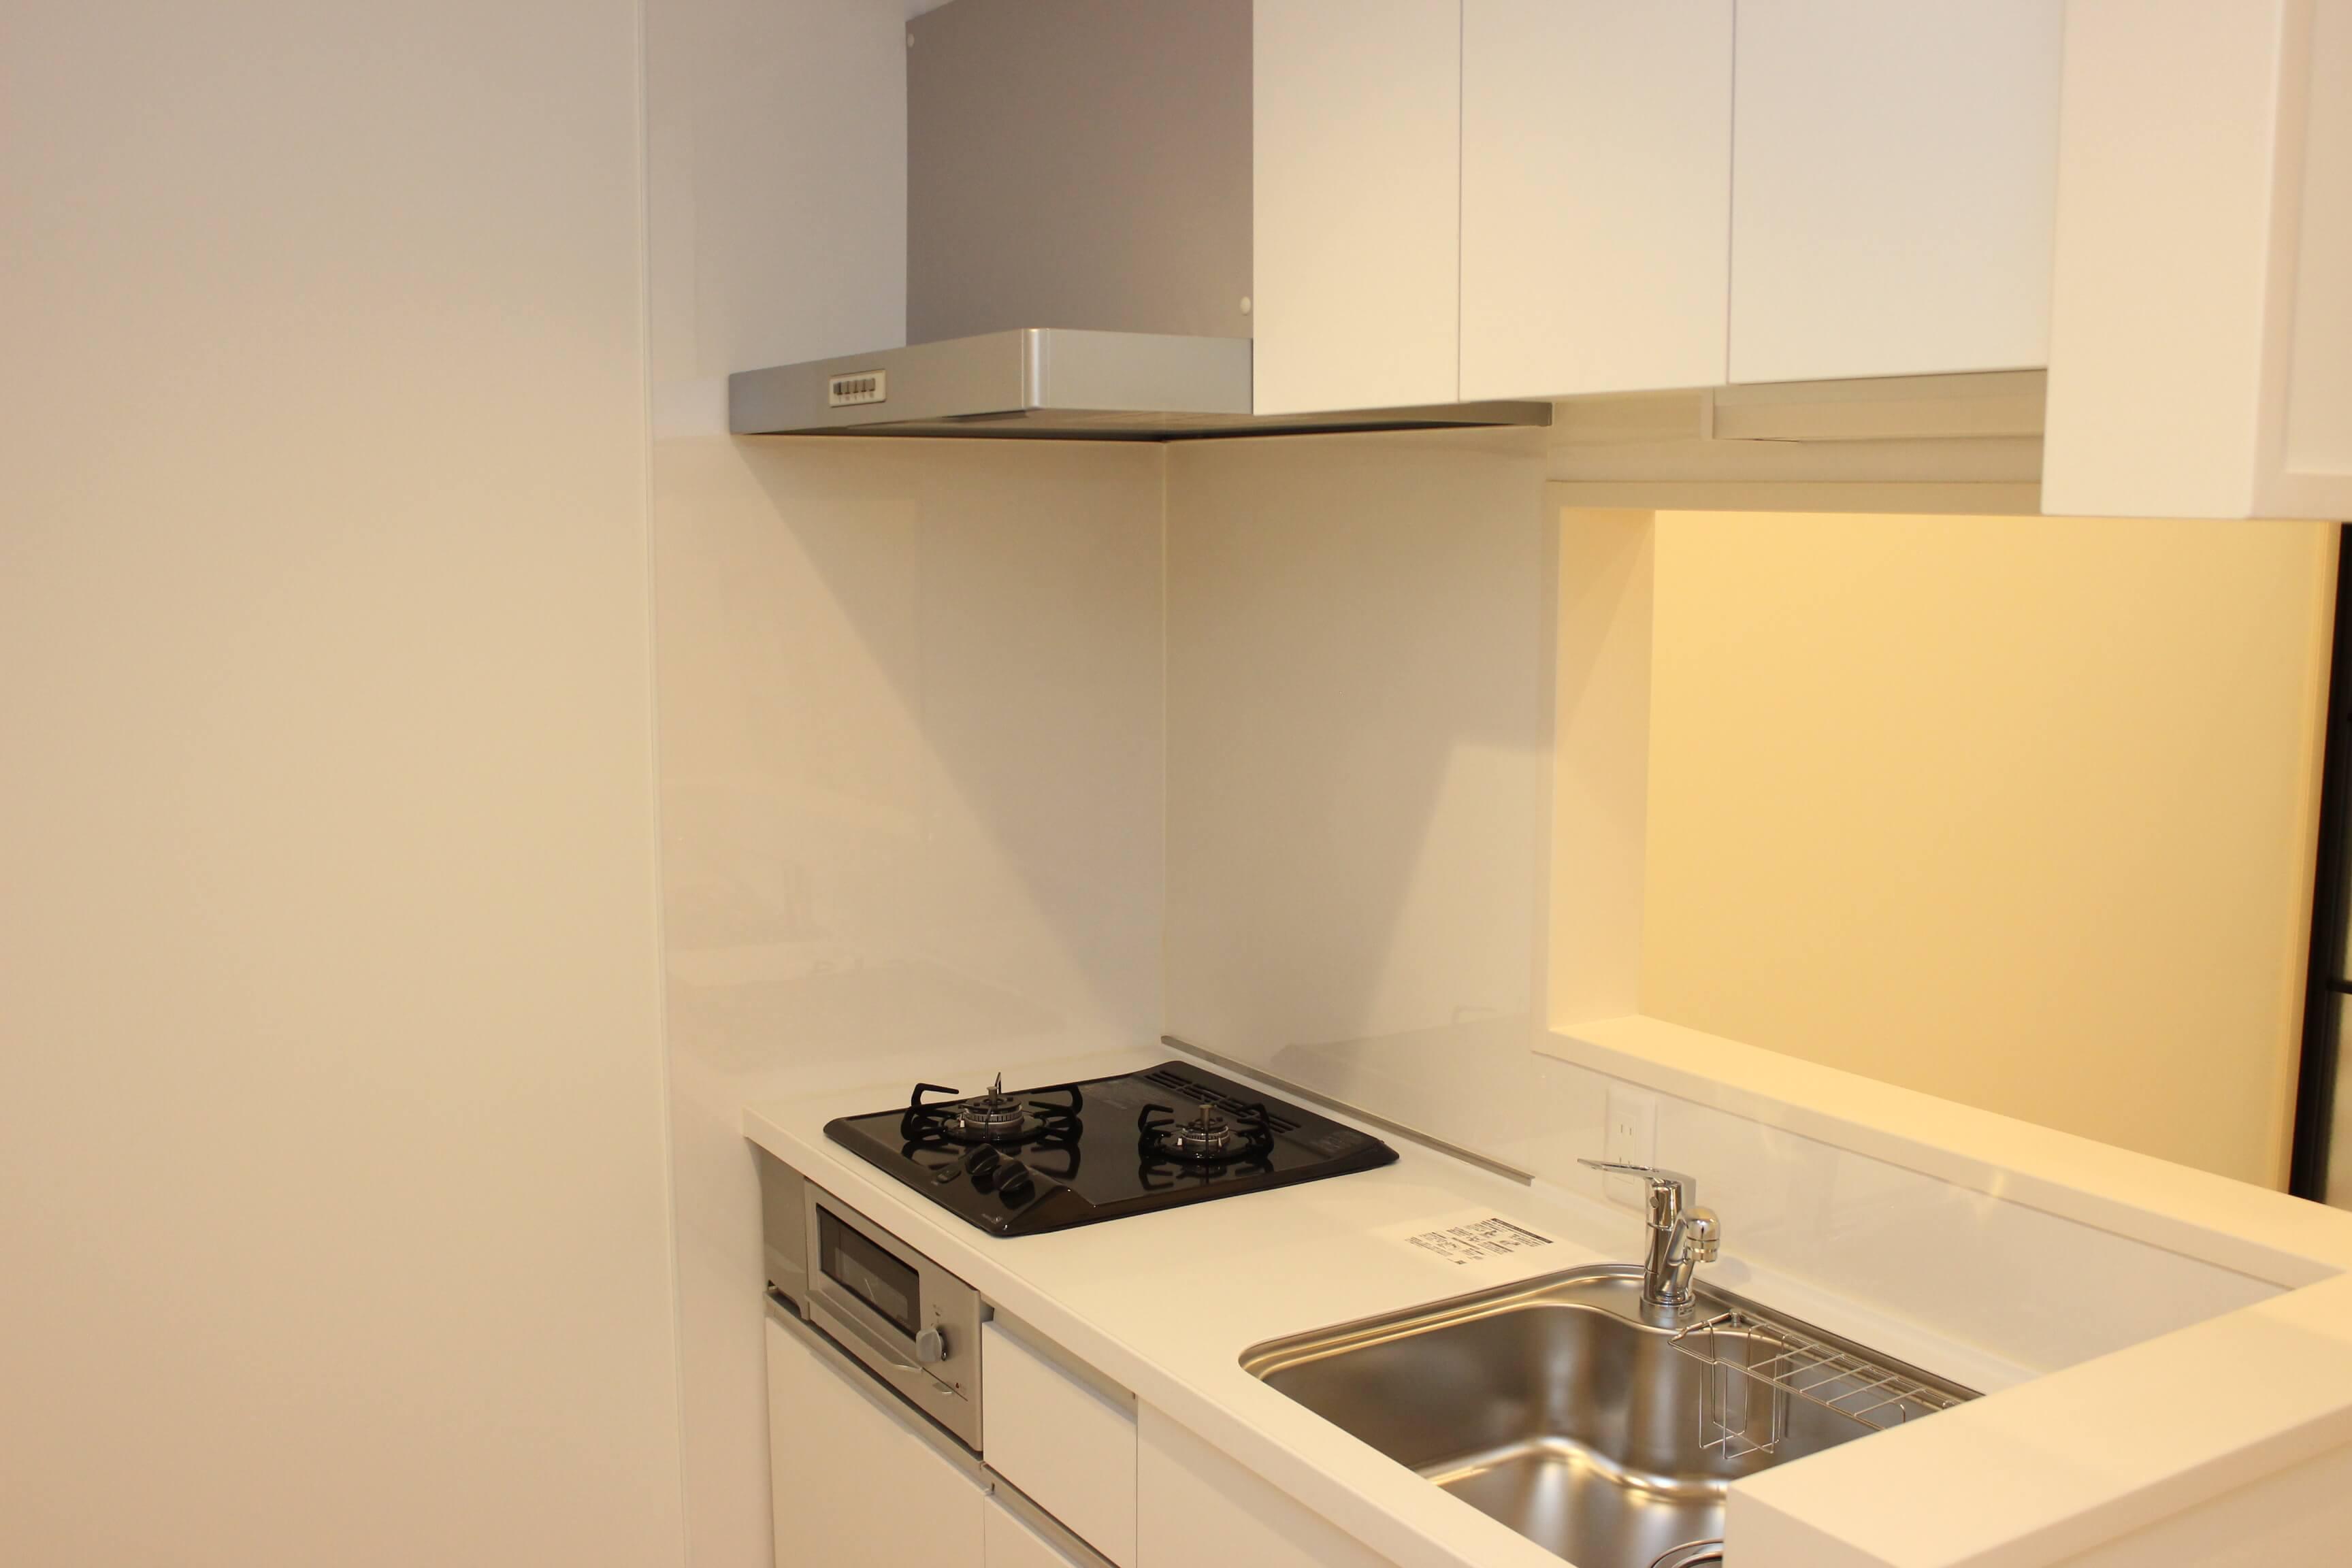 キッチン 2口コンロです。スイッチはつまみタイプです。ネコさんがうっかり押してしまうこともありません。